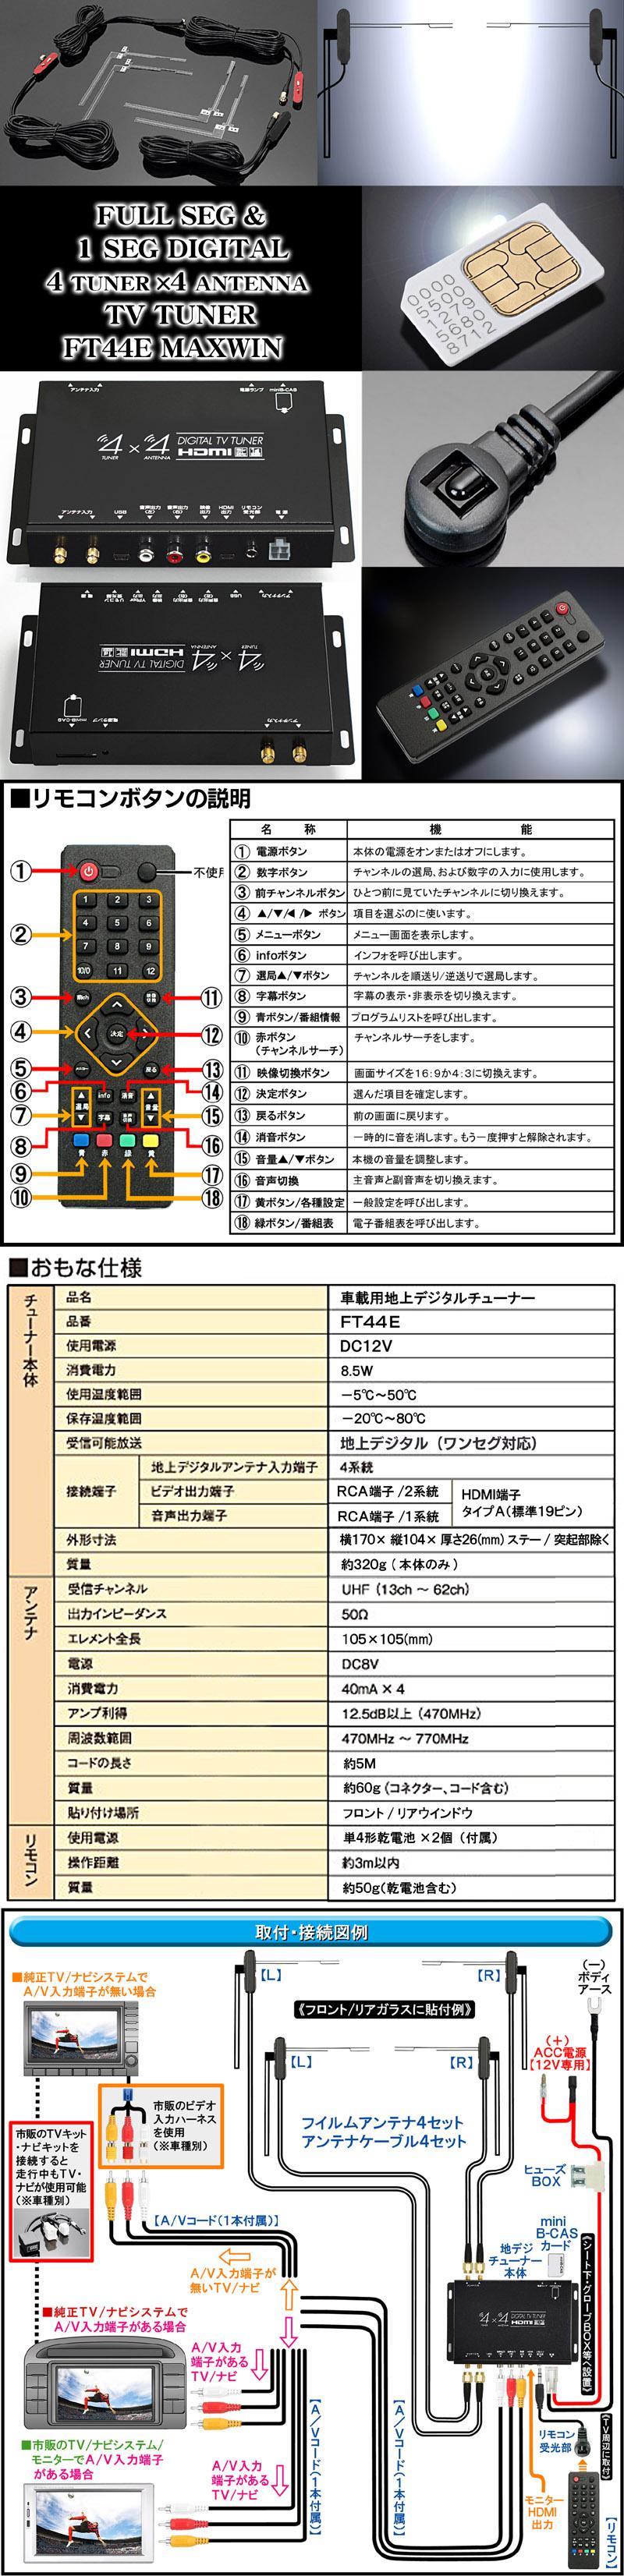 【フルセグ地上デジタルチューナーFT44E MAXWIN 4チューナー×4アンプ付アンテナ HDMI仕様《汎用品》車載テレビ専用】